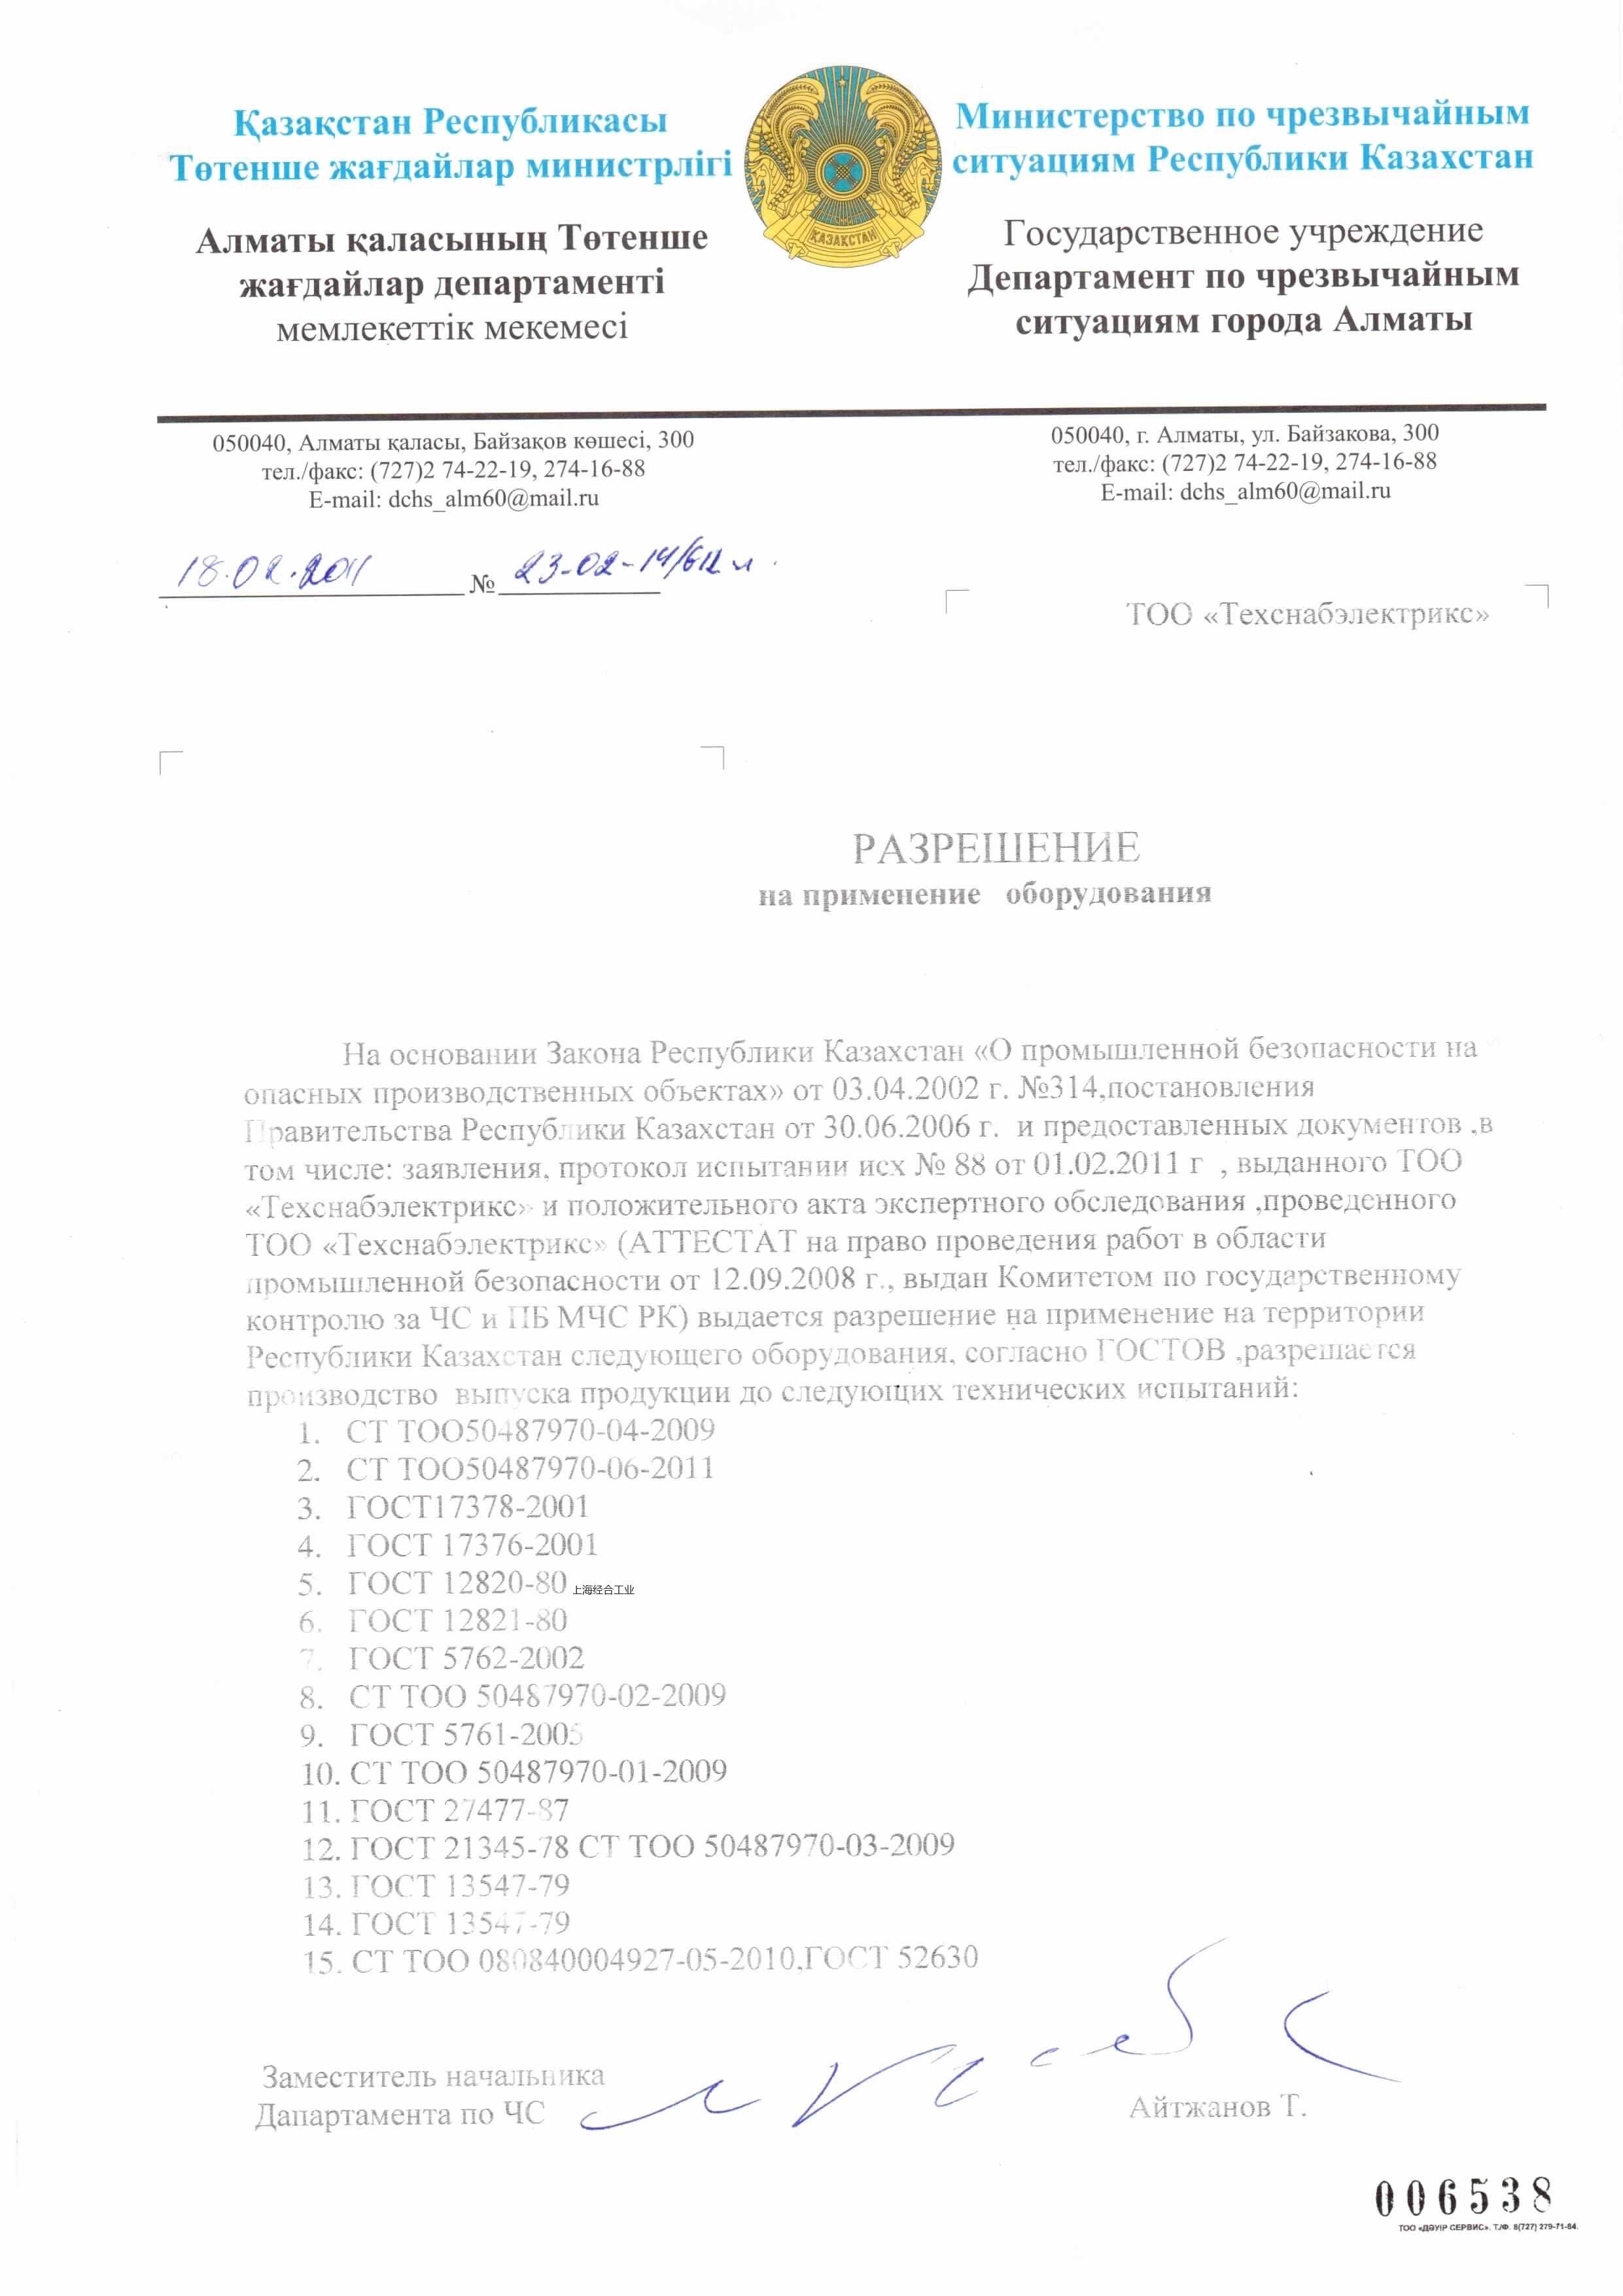 哈萨克斯坦安装使用许可证又叫GGTN-K